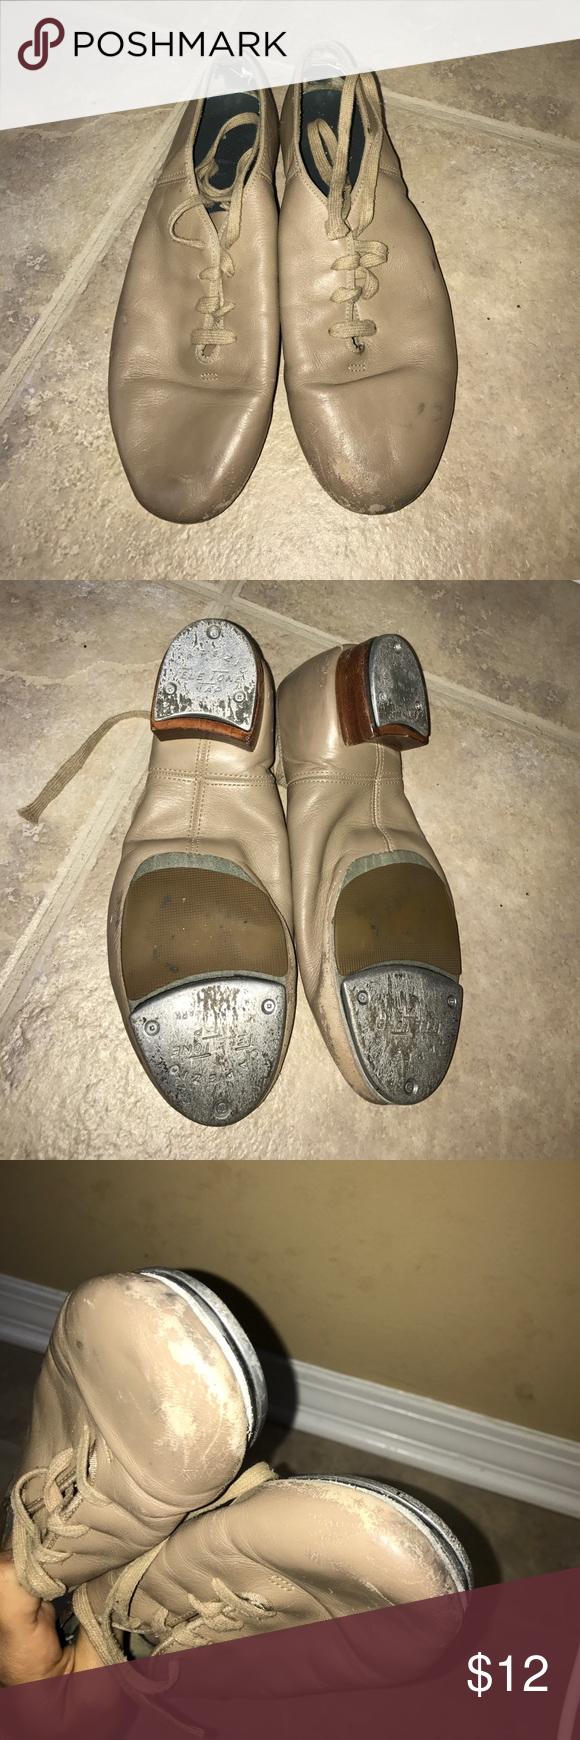 Capezio Tan Tap Shoes Capezio Split Sole Tap Shoes, Tan, VERY WORN Capezio Shoes